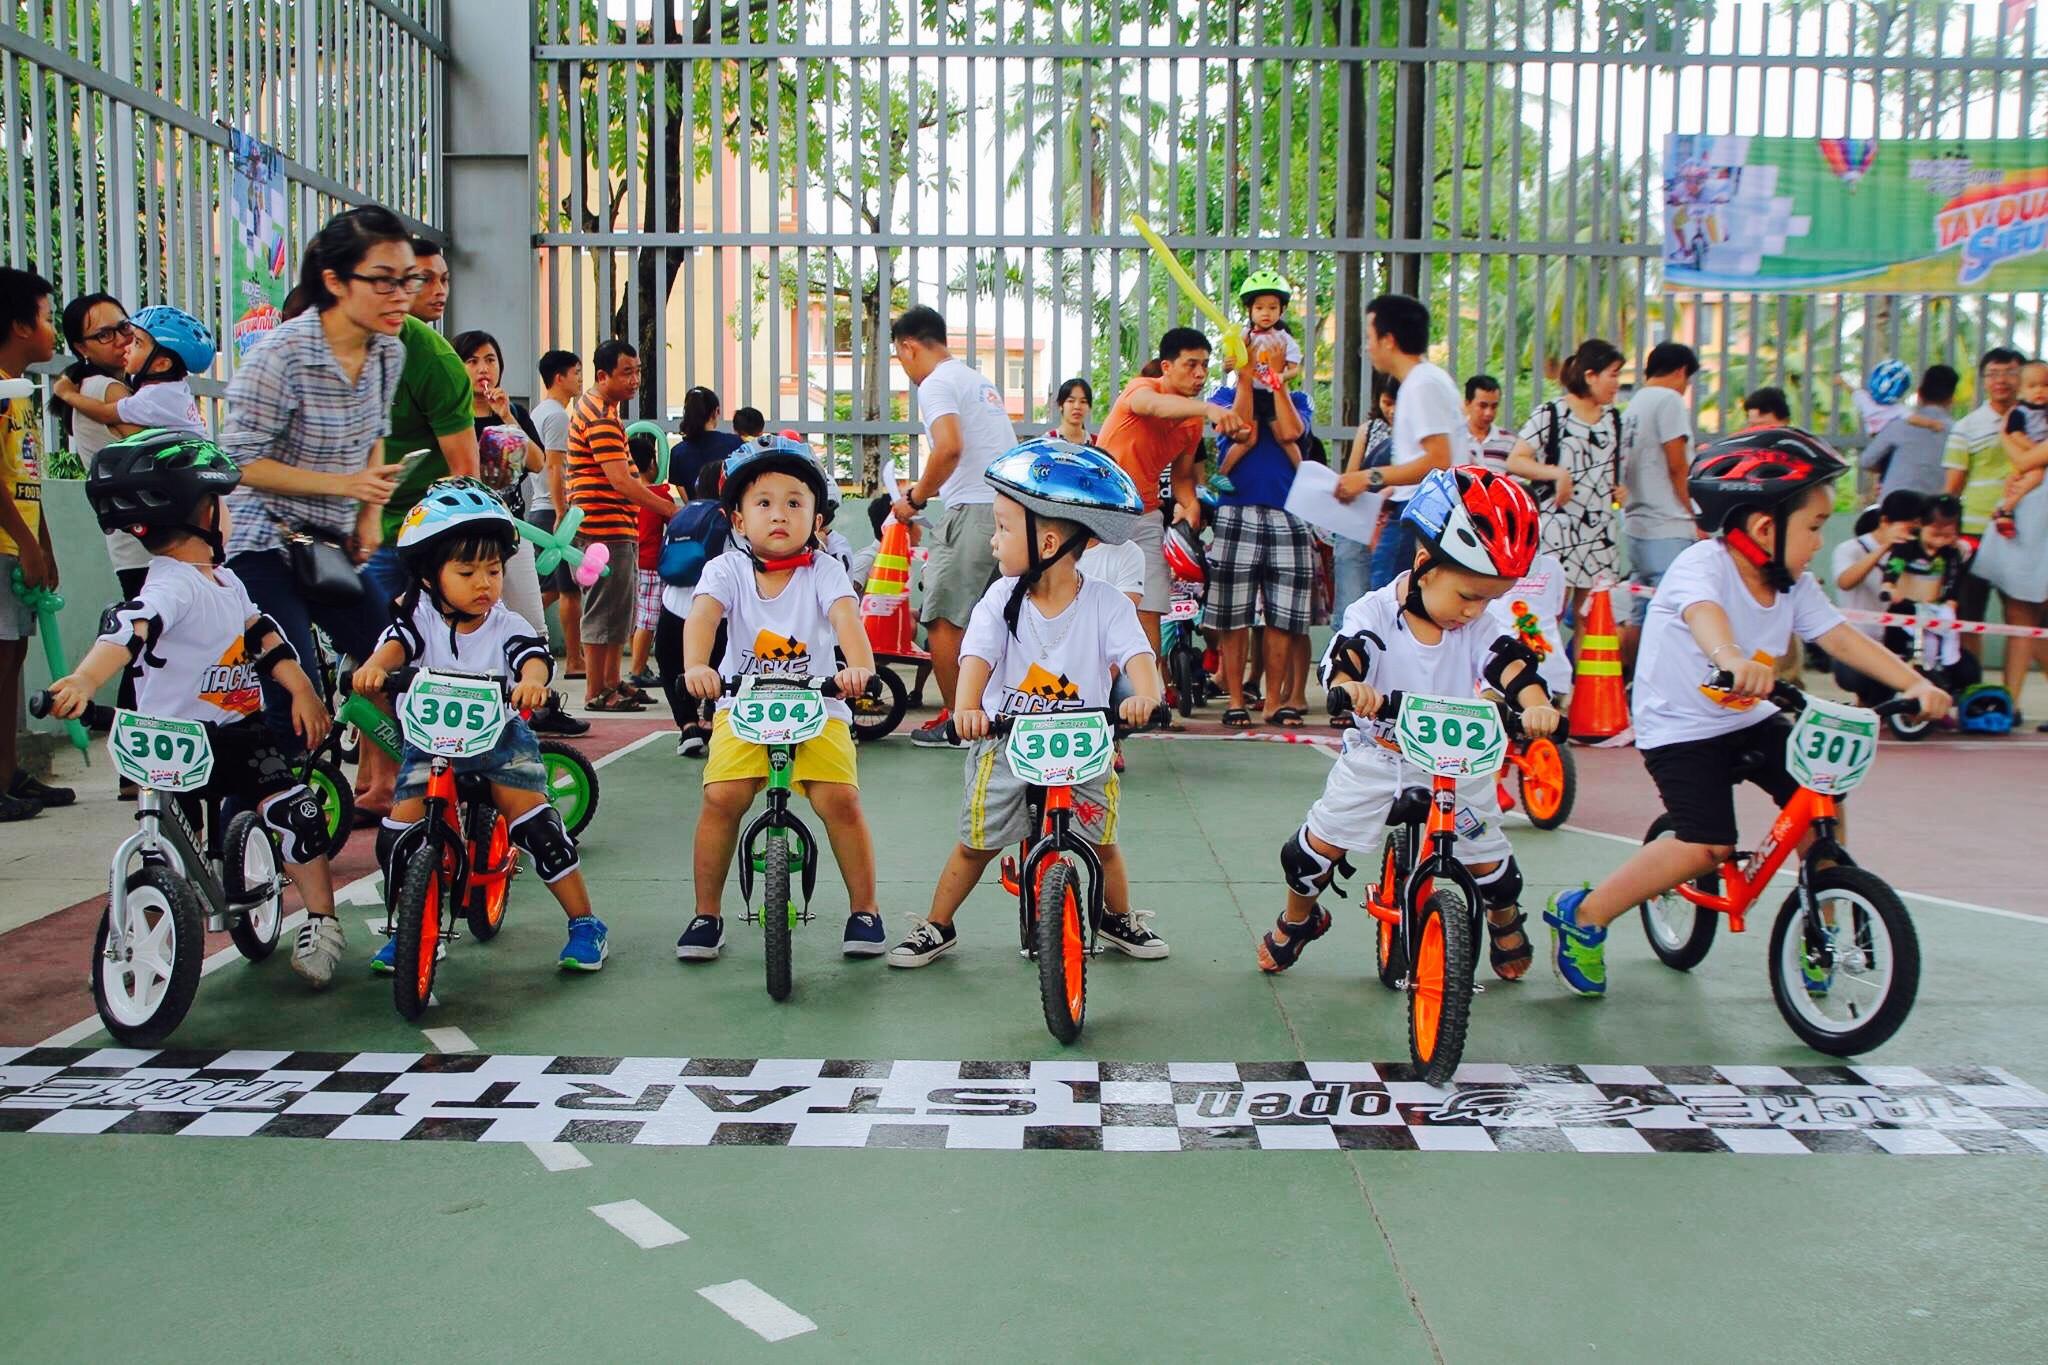 Tackebike Racing - Tay Đua Nhí Siêu Hạng - Đà Nẵng 27/8/2017